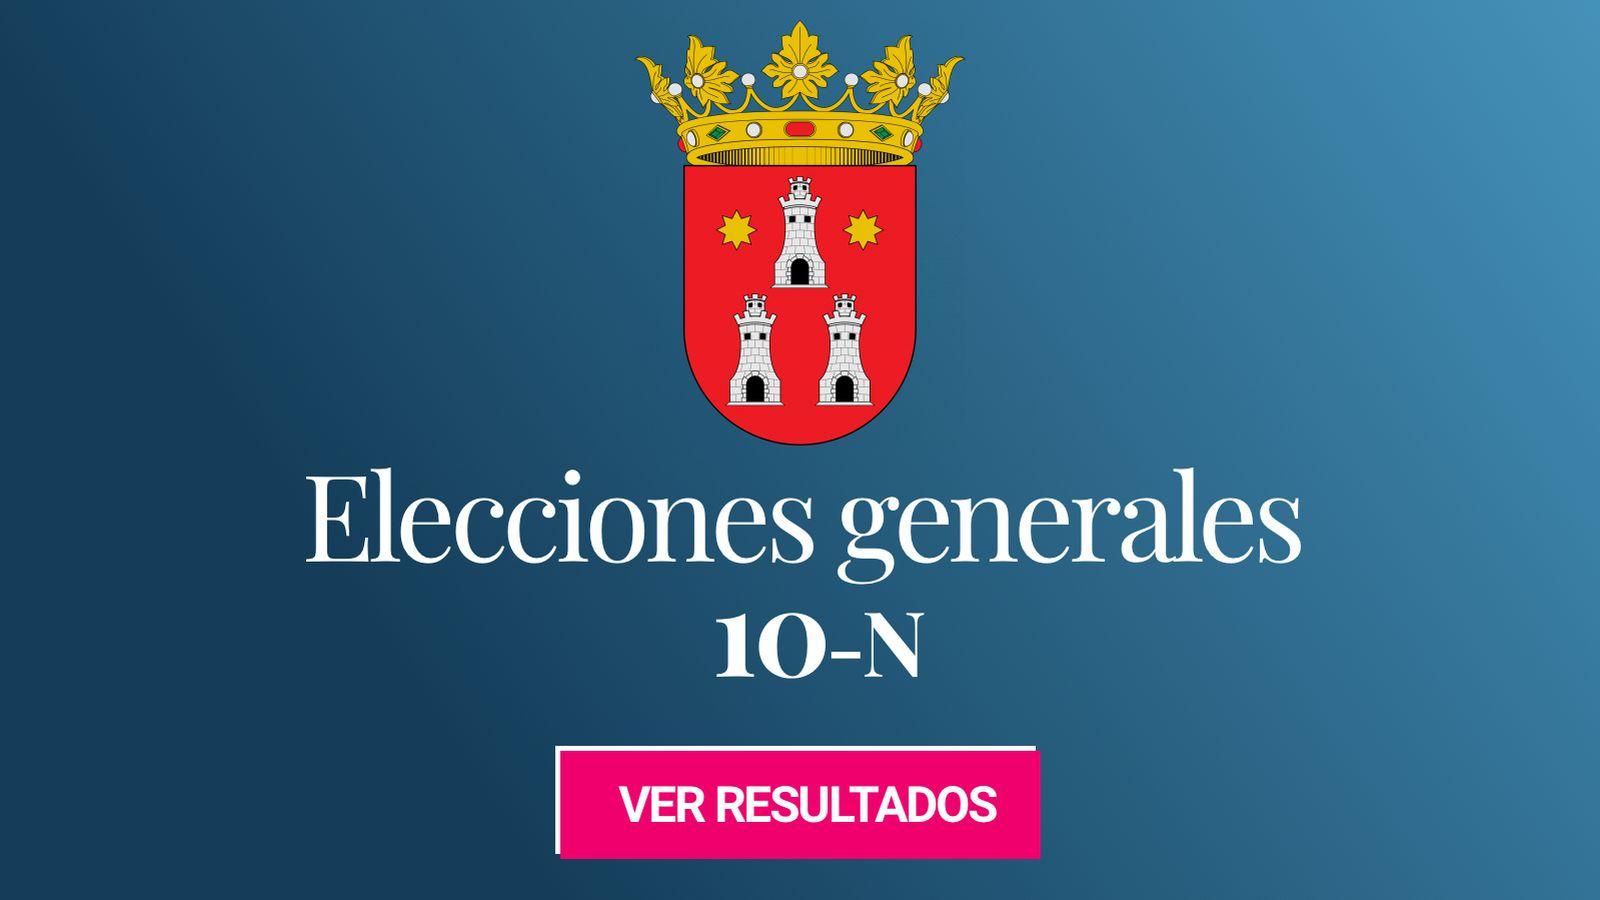 Foto: Elecciones generales 2019 en Torrent. (C.C./EC)